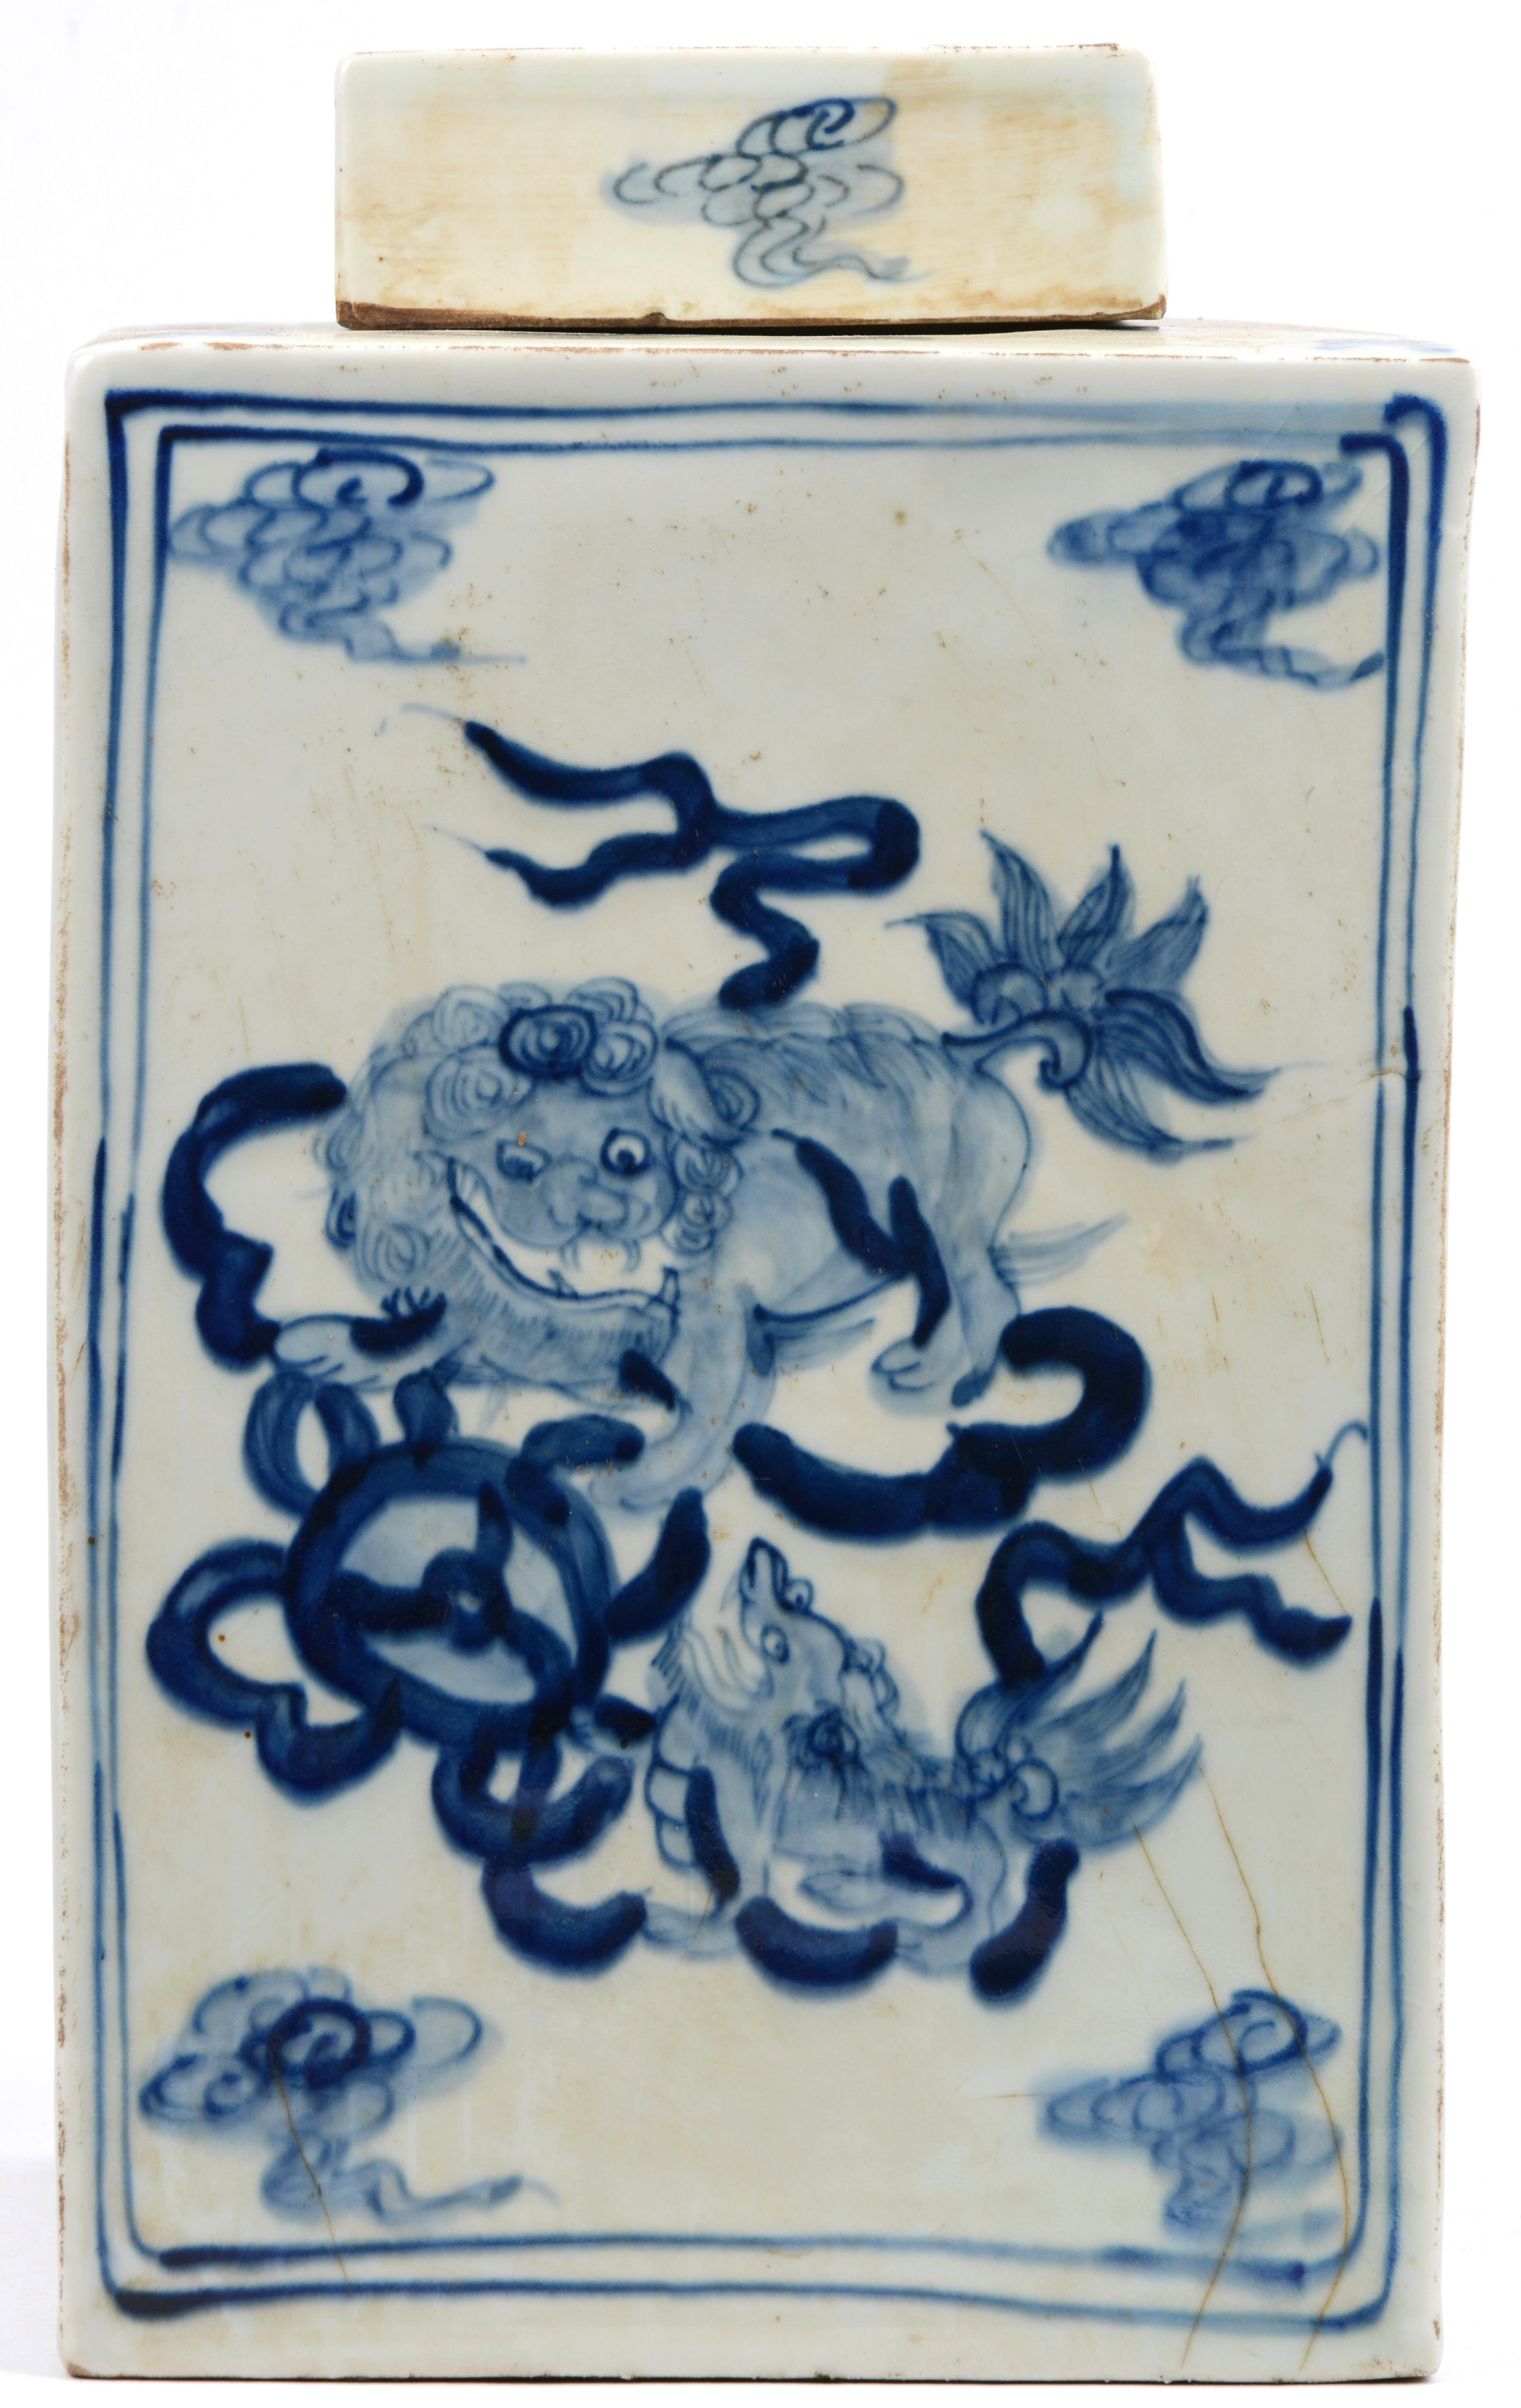 Een vierkante theebus van blauw en wit Chinees porselein met Fo-honden in het decor.